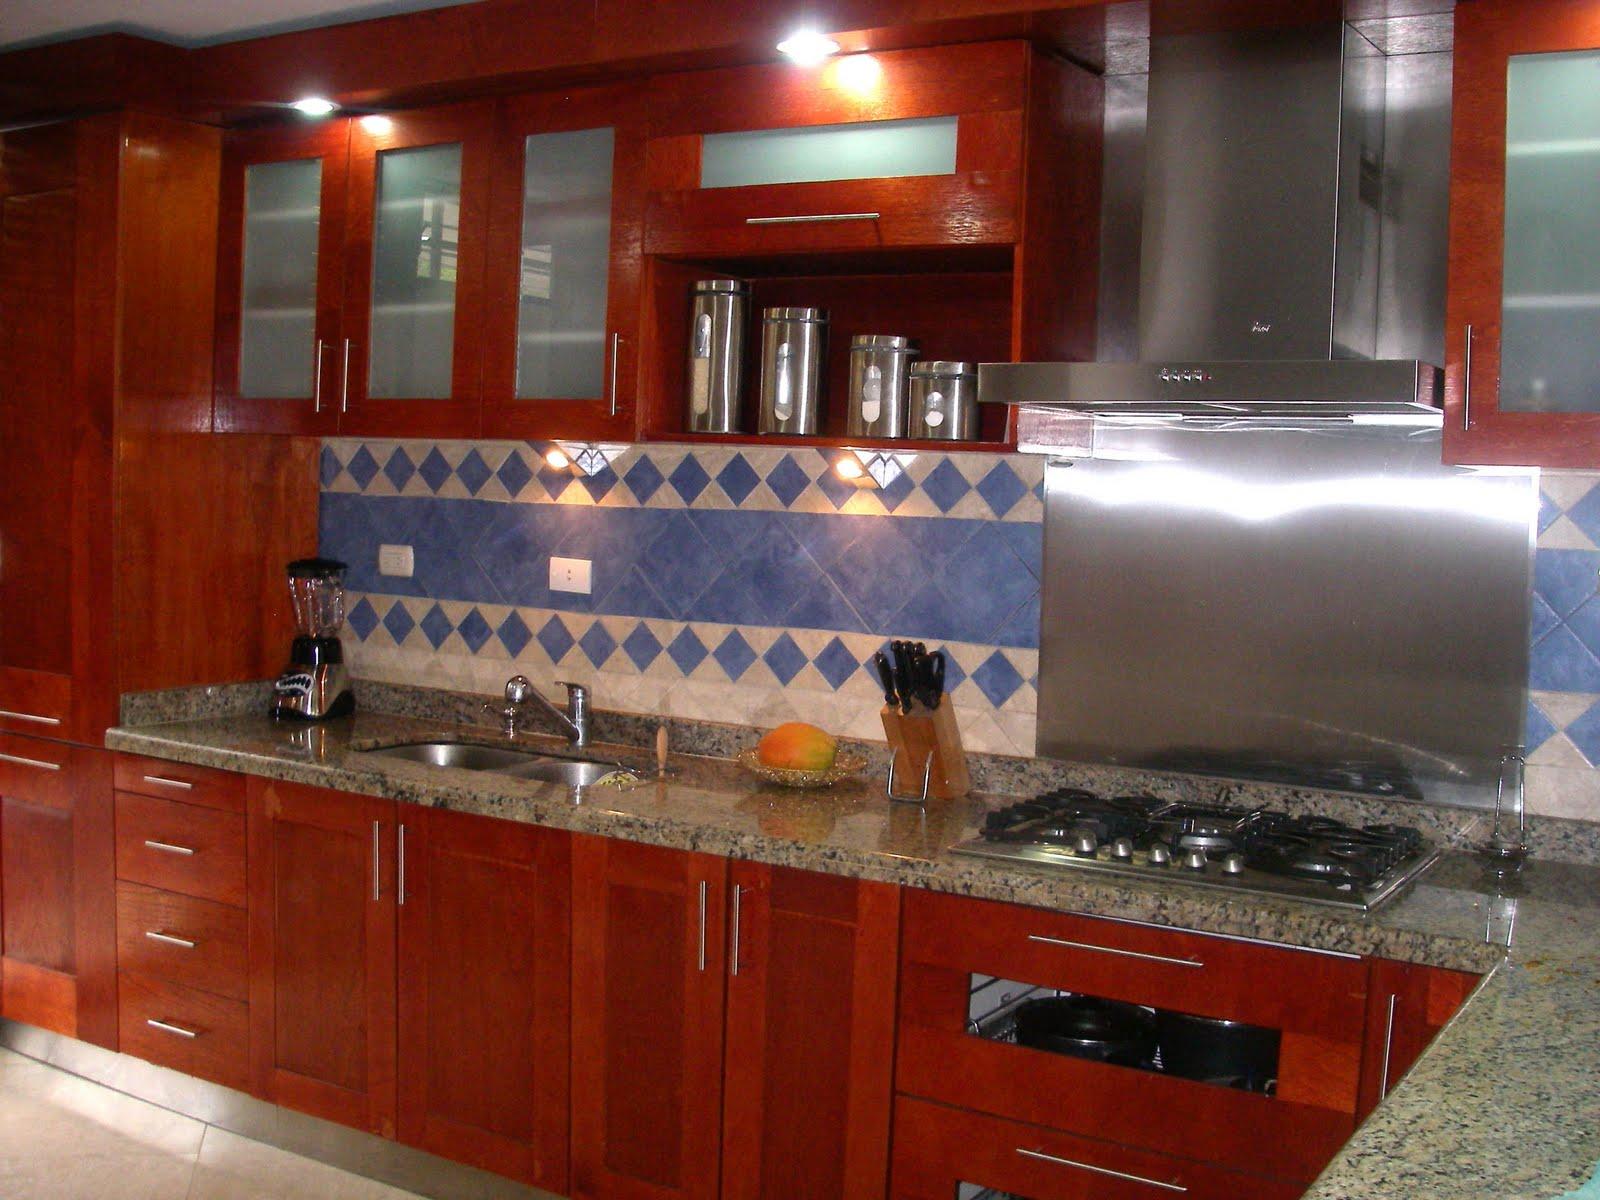 fabricamos cocinas empotradas,closets escaleras y muebles para baños